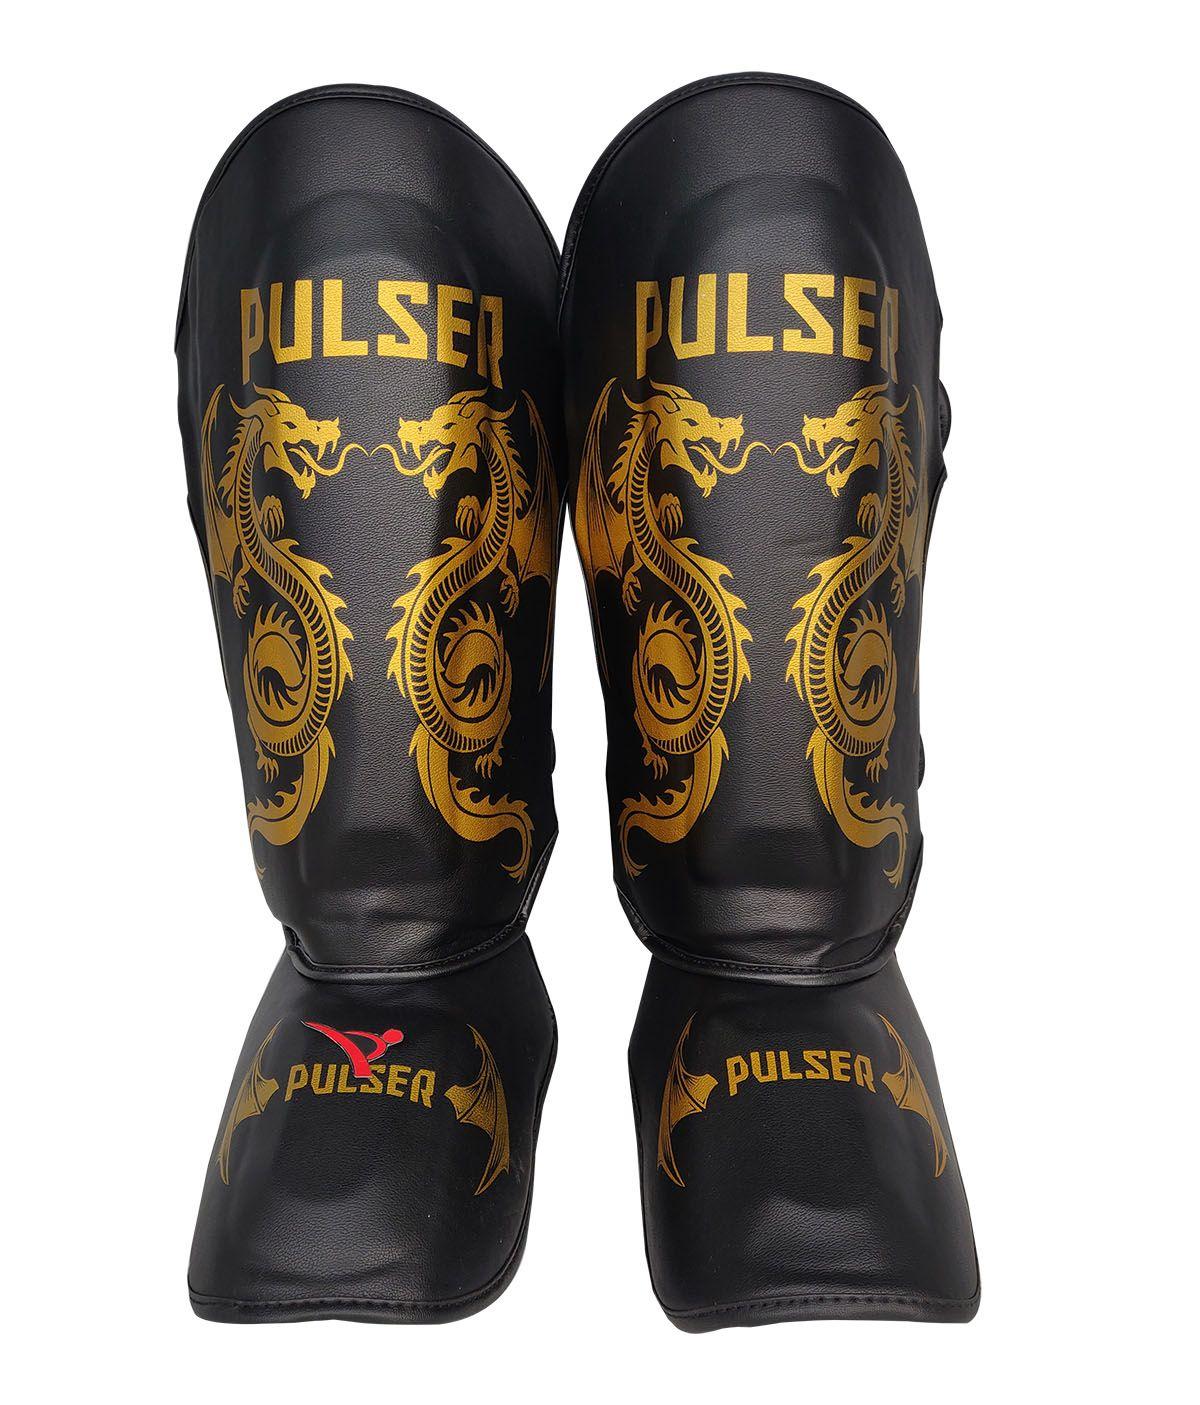 Caneleira Muay Thai MMA Dragão Preto Média 30mm - Pulser  - PRALUTA SHOP